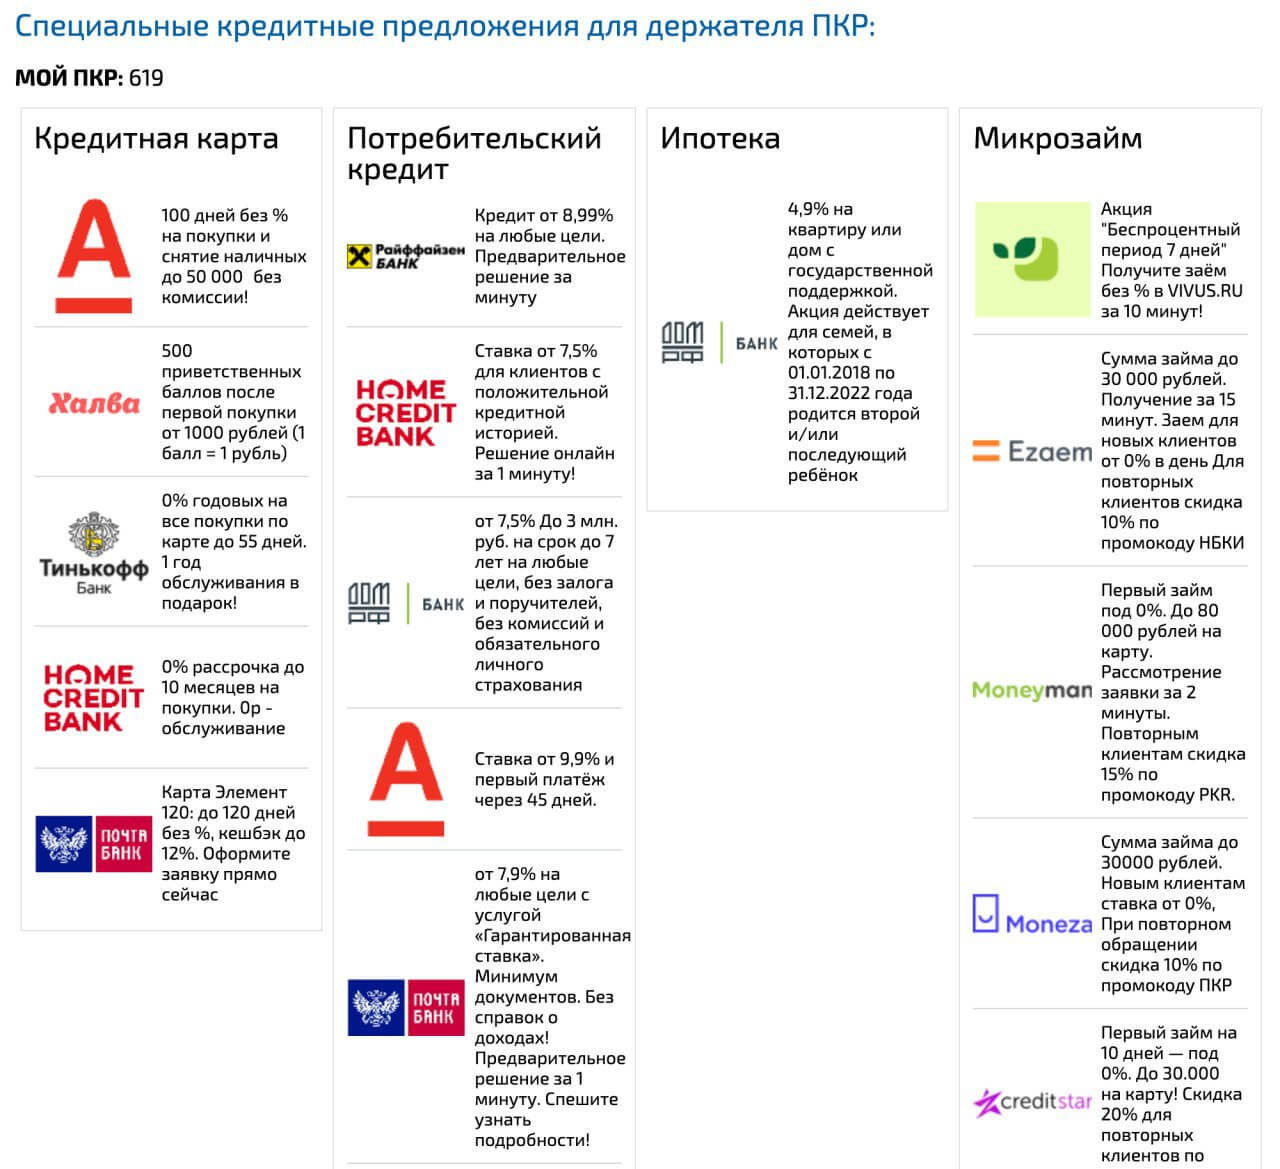 Предложения банков